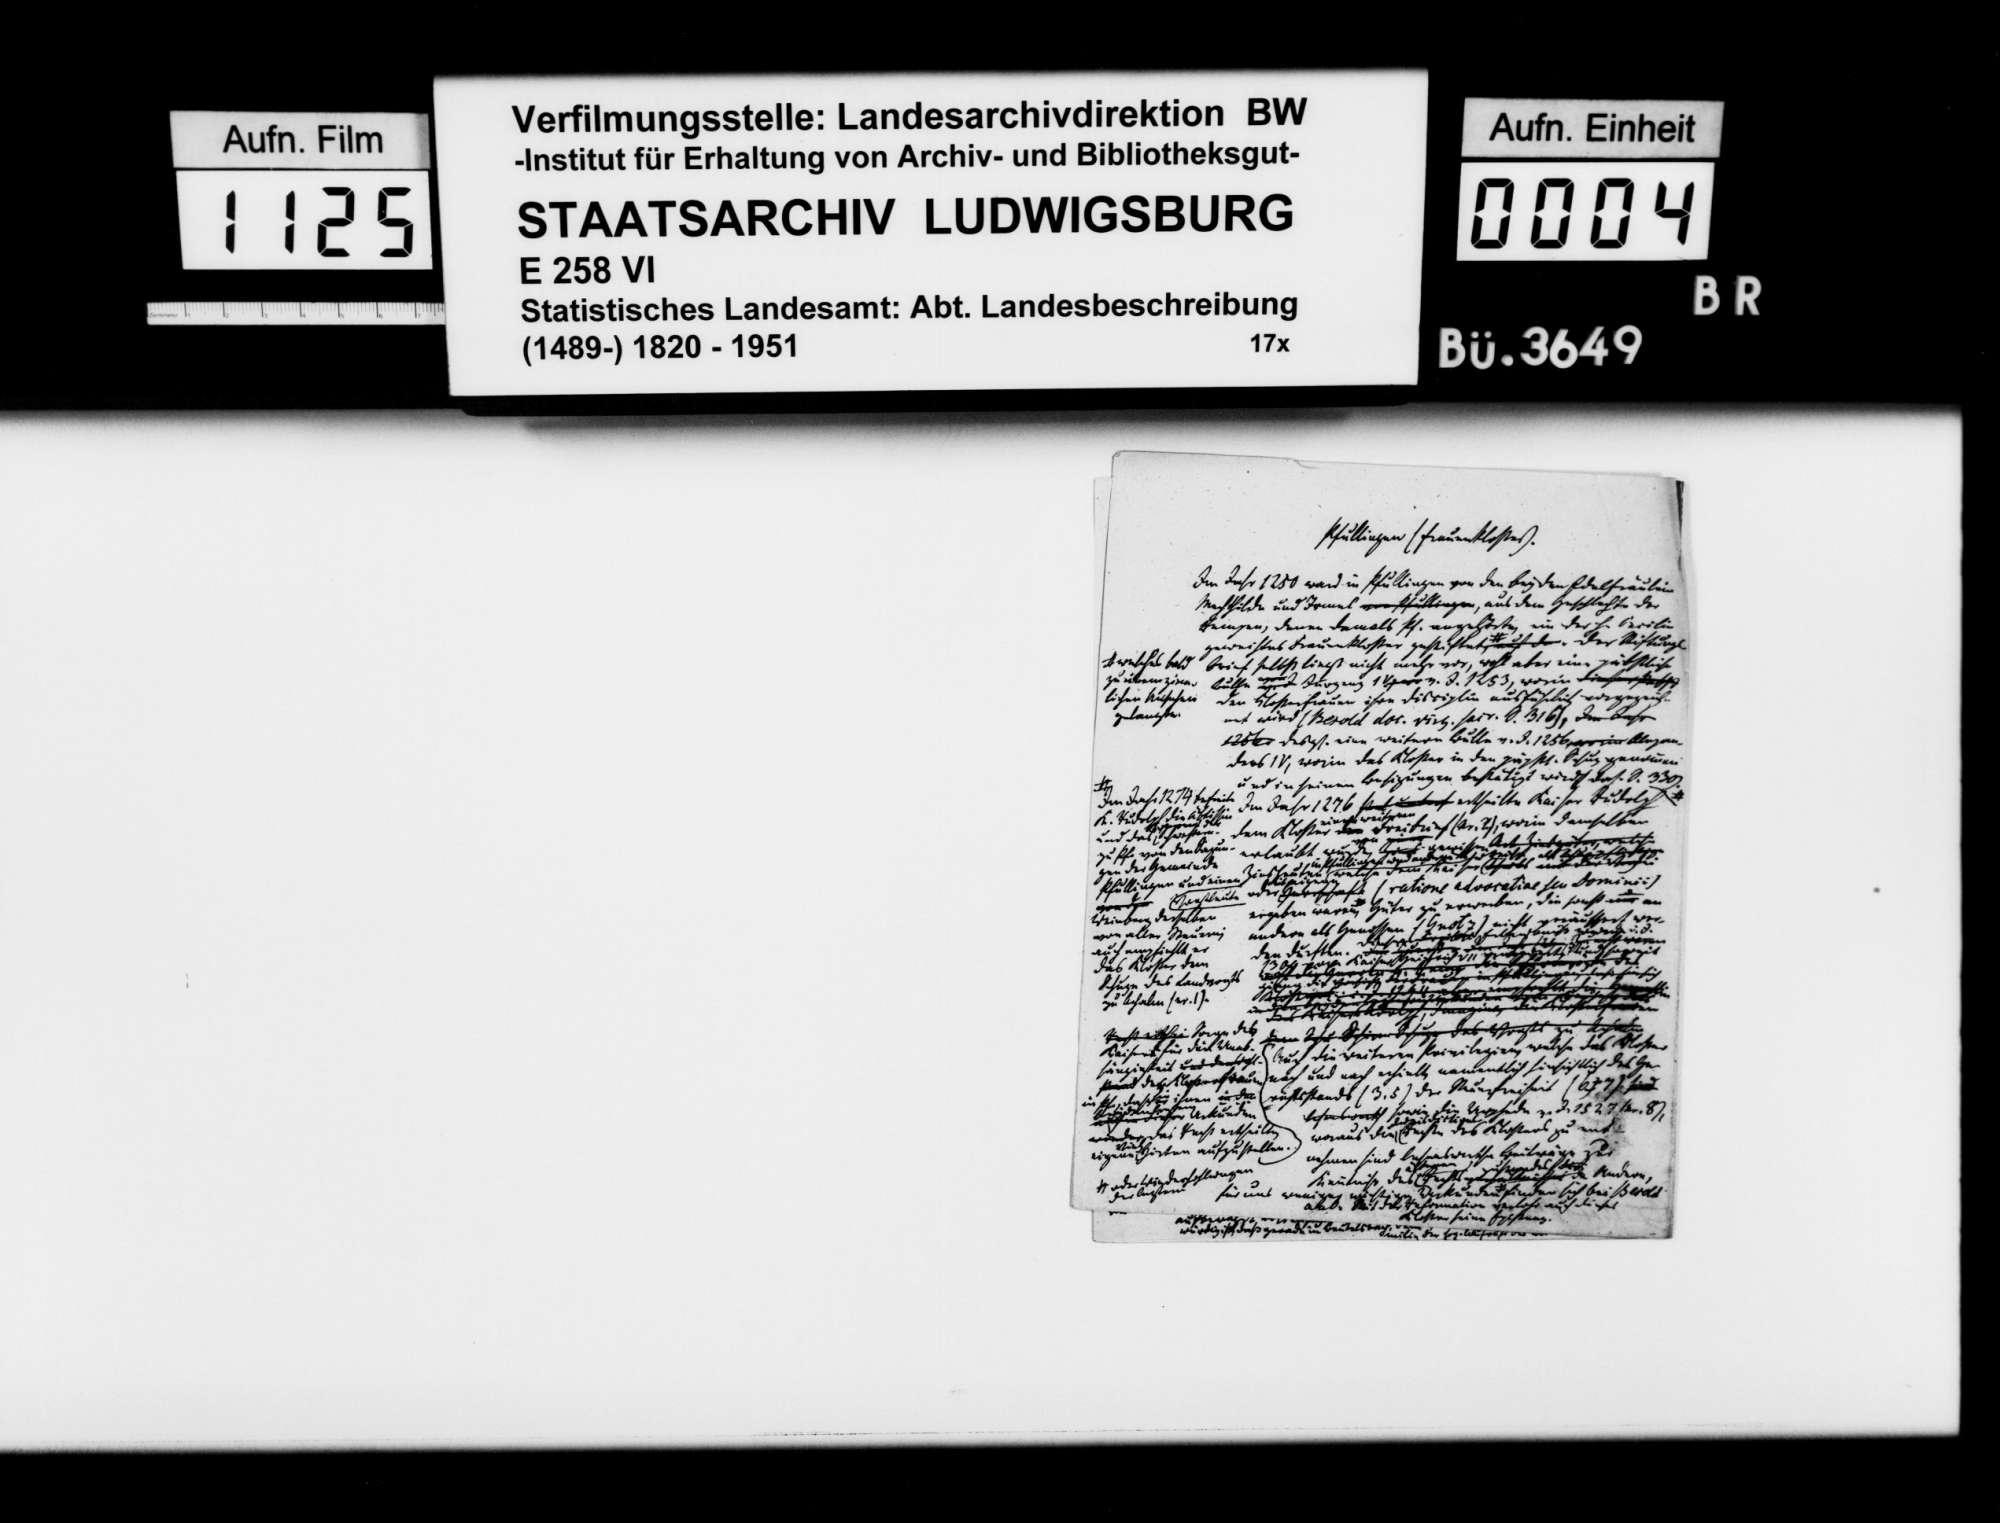 Verlegung des Chorherrenstifts von Beutelsbach nach Stuttgart, o.Verf., mit gedruckten Documenta Eccles[iae] Stuetgardiensis [vermutlich Hd. 5794] S. 3-12, 17-22, 27-30, mit handschriftlichen Korrekturen, Bild 3